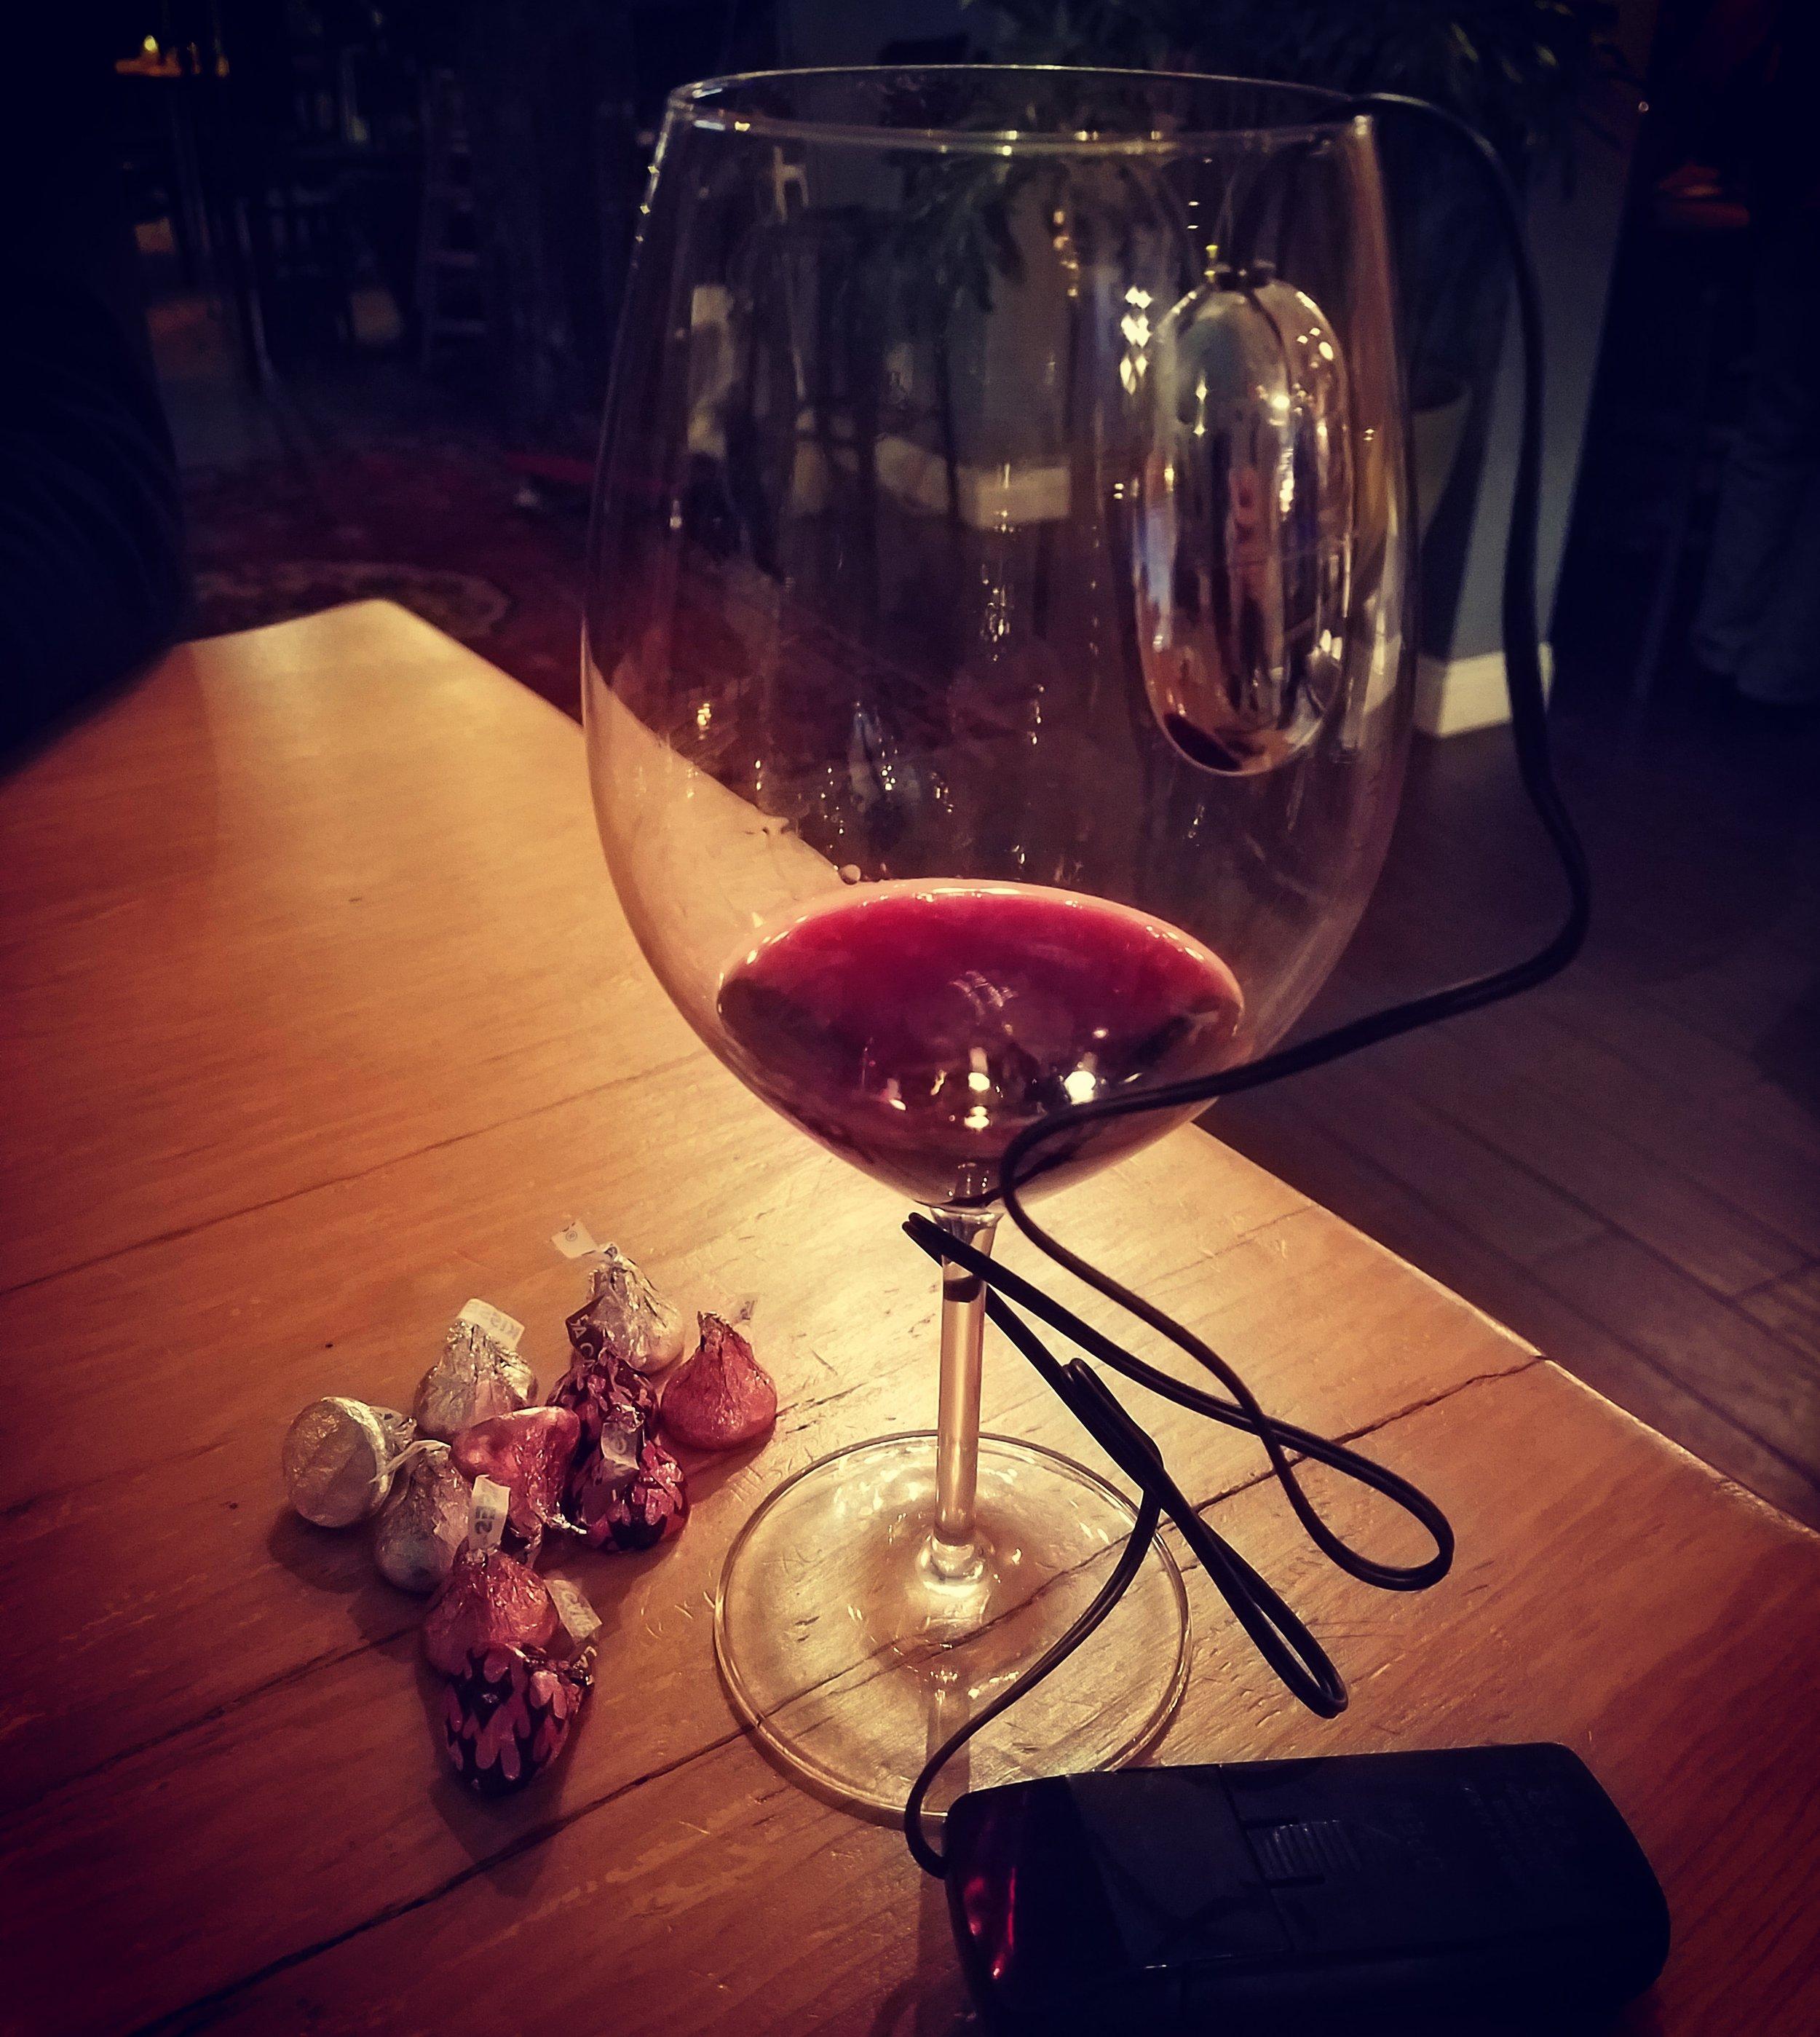 Vibrator in Red Wine.jpg